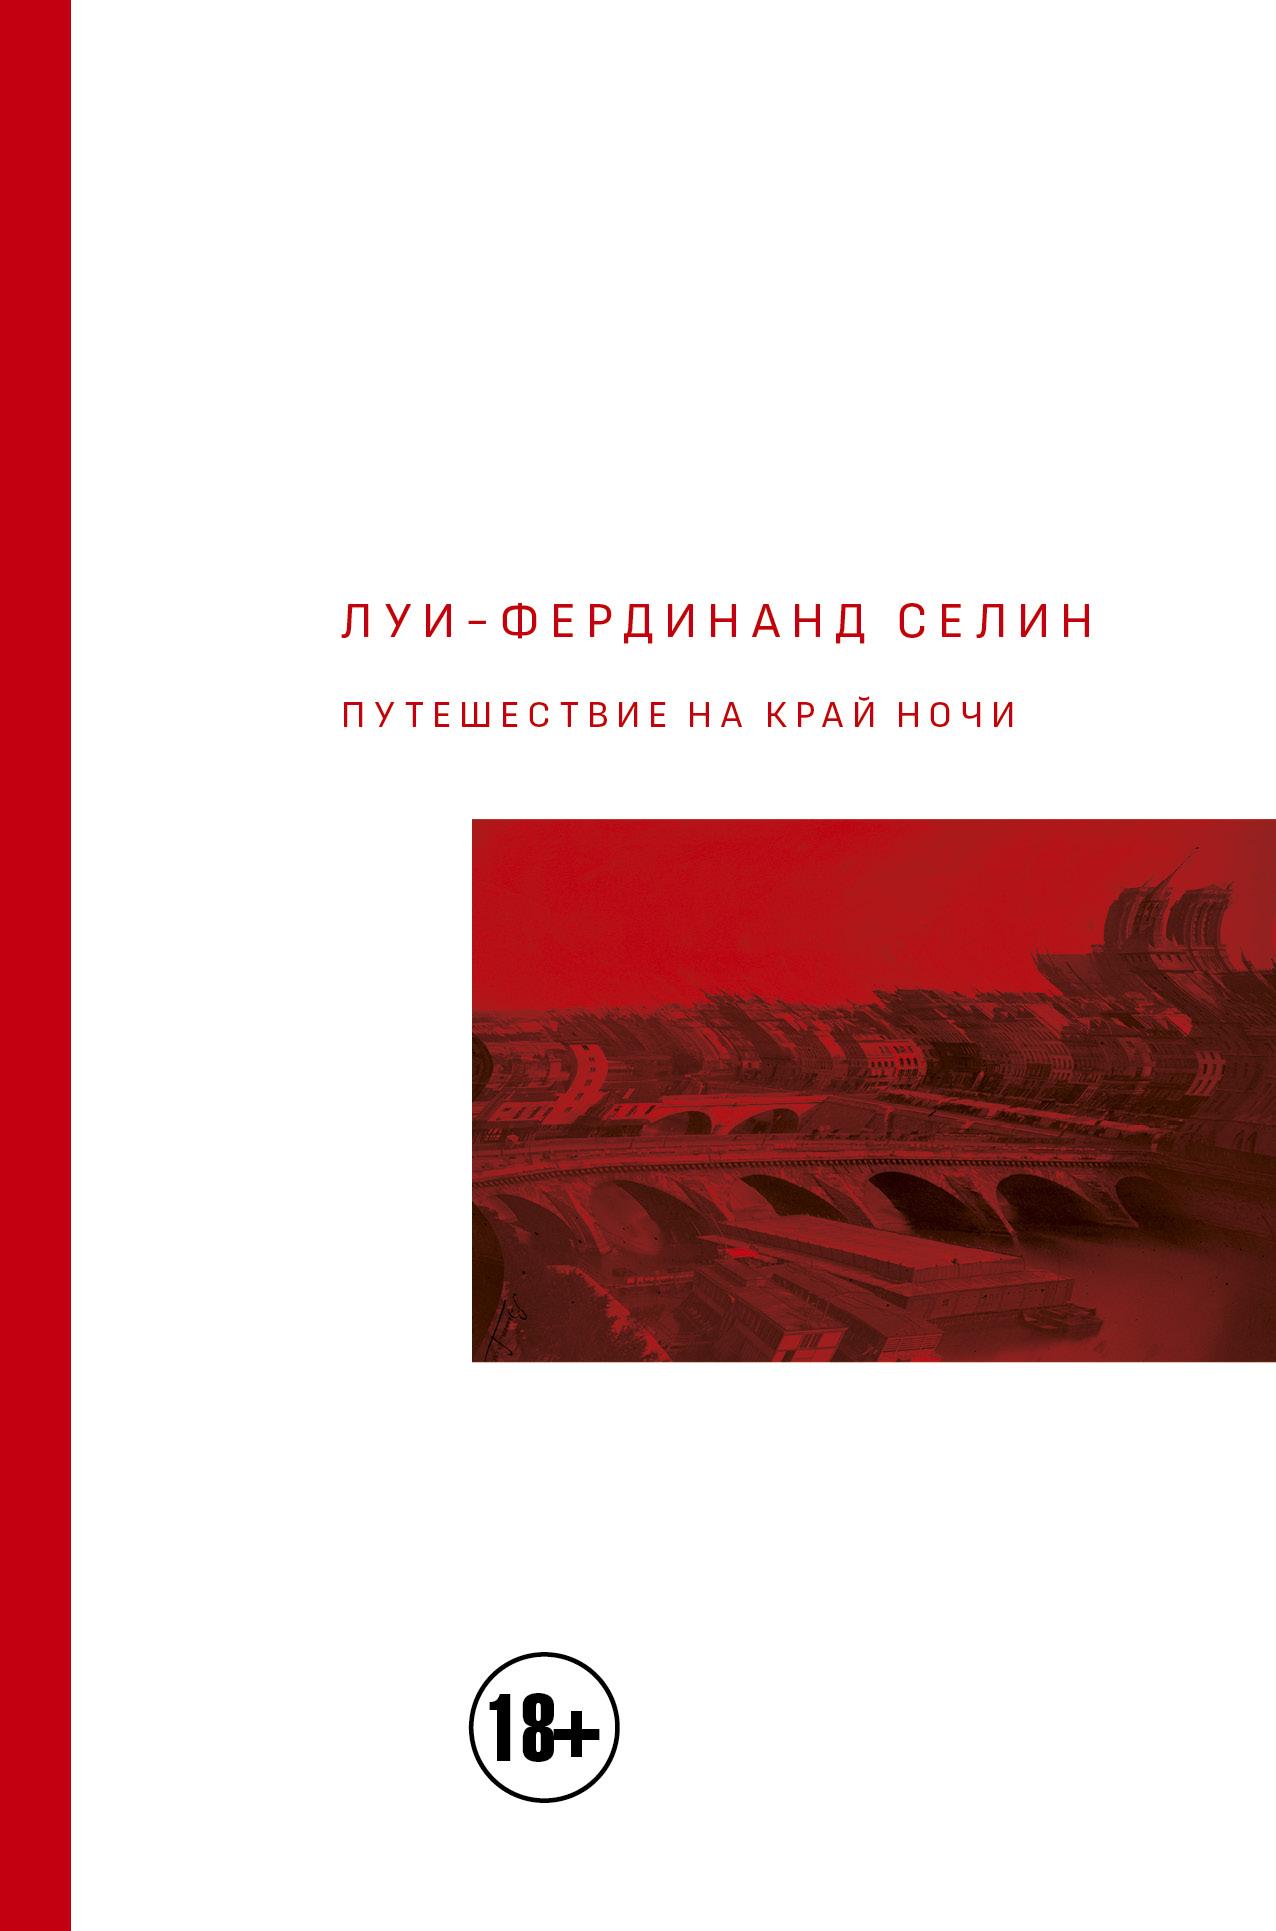 Луи-Фердинанд Селин Путешествие на край ночи путешествие на край